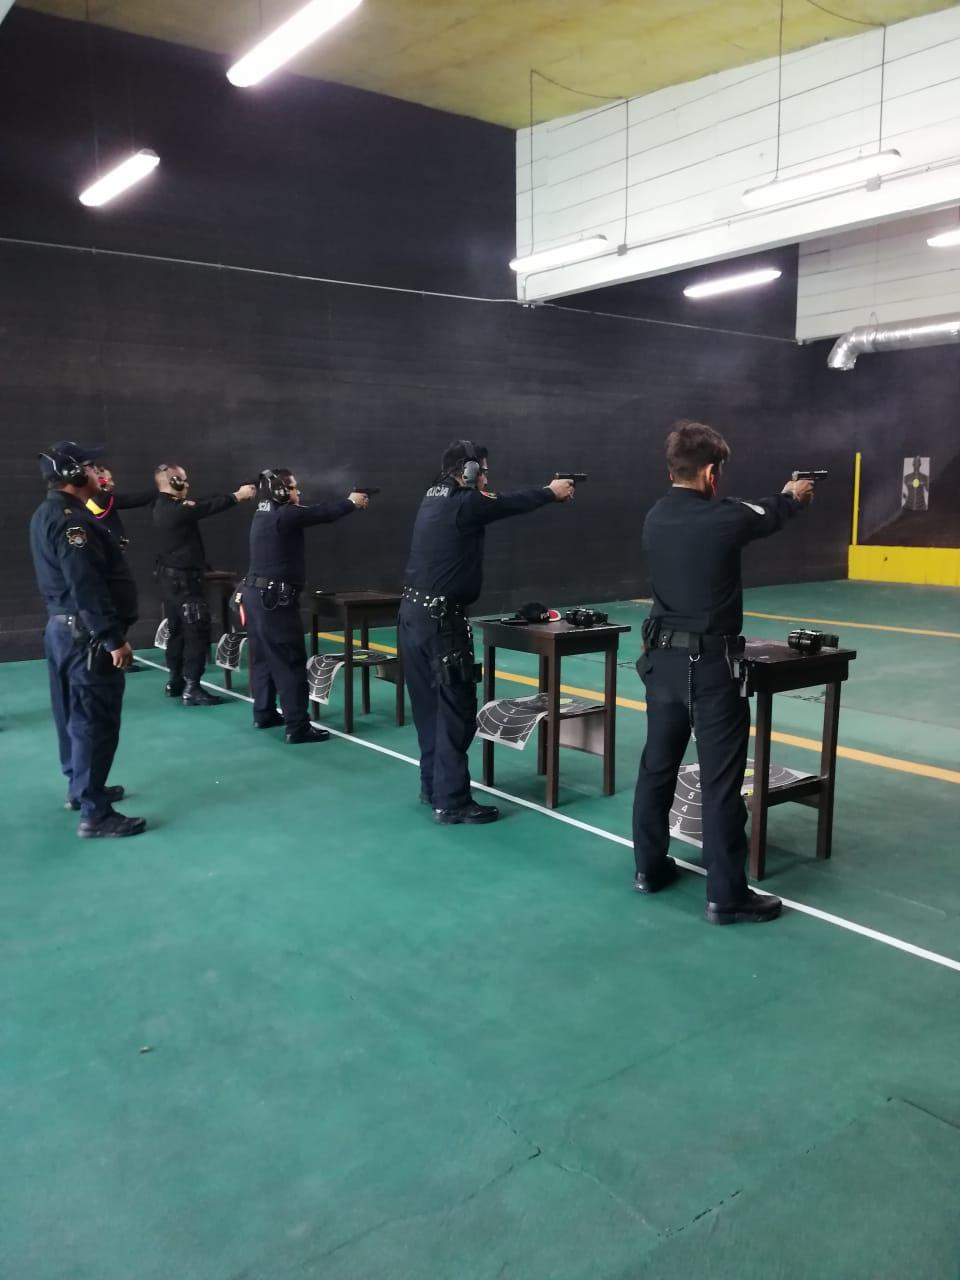 Continúan las Poliolimpiadas 2019 SSC rumbo a los Juegos Latinoamericanos de Policías y Bomberos